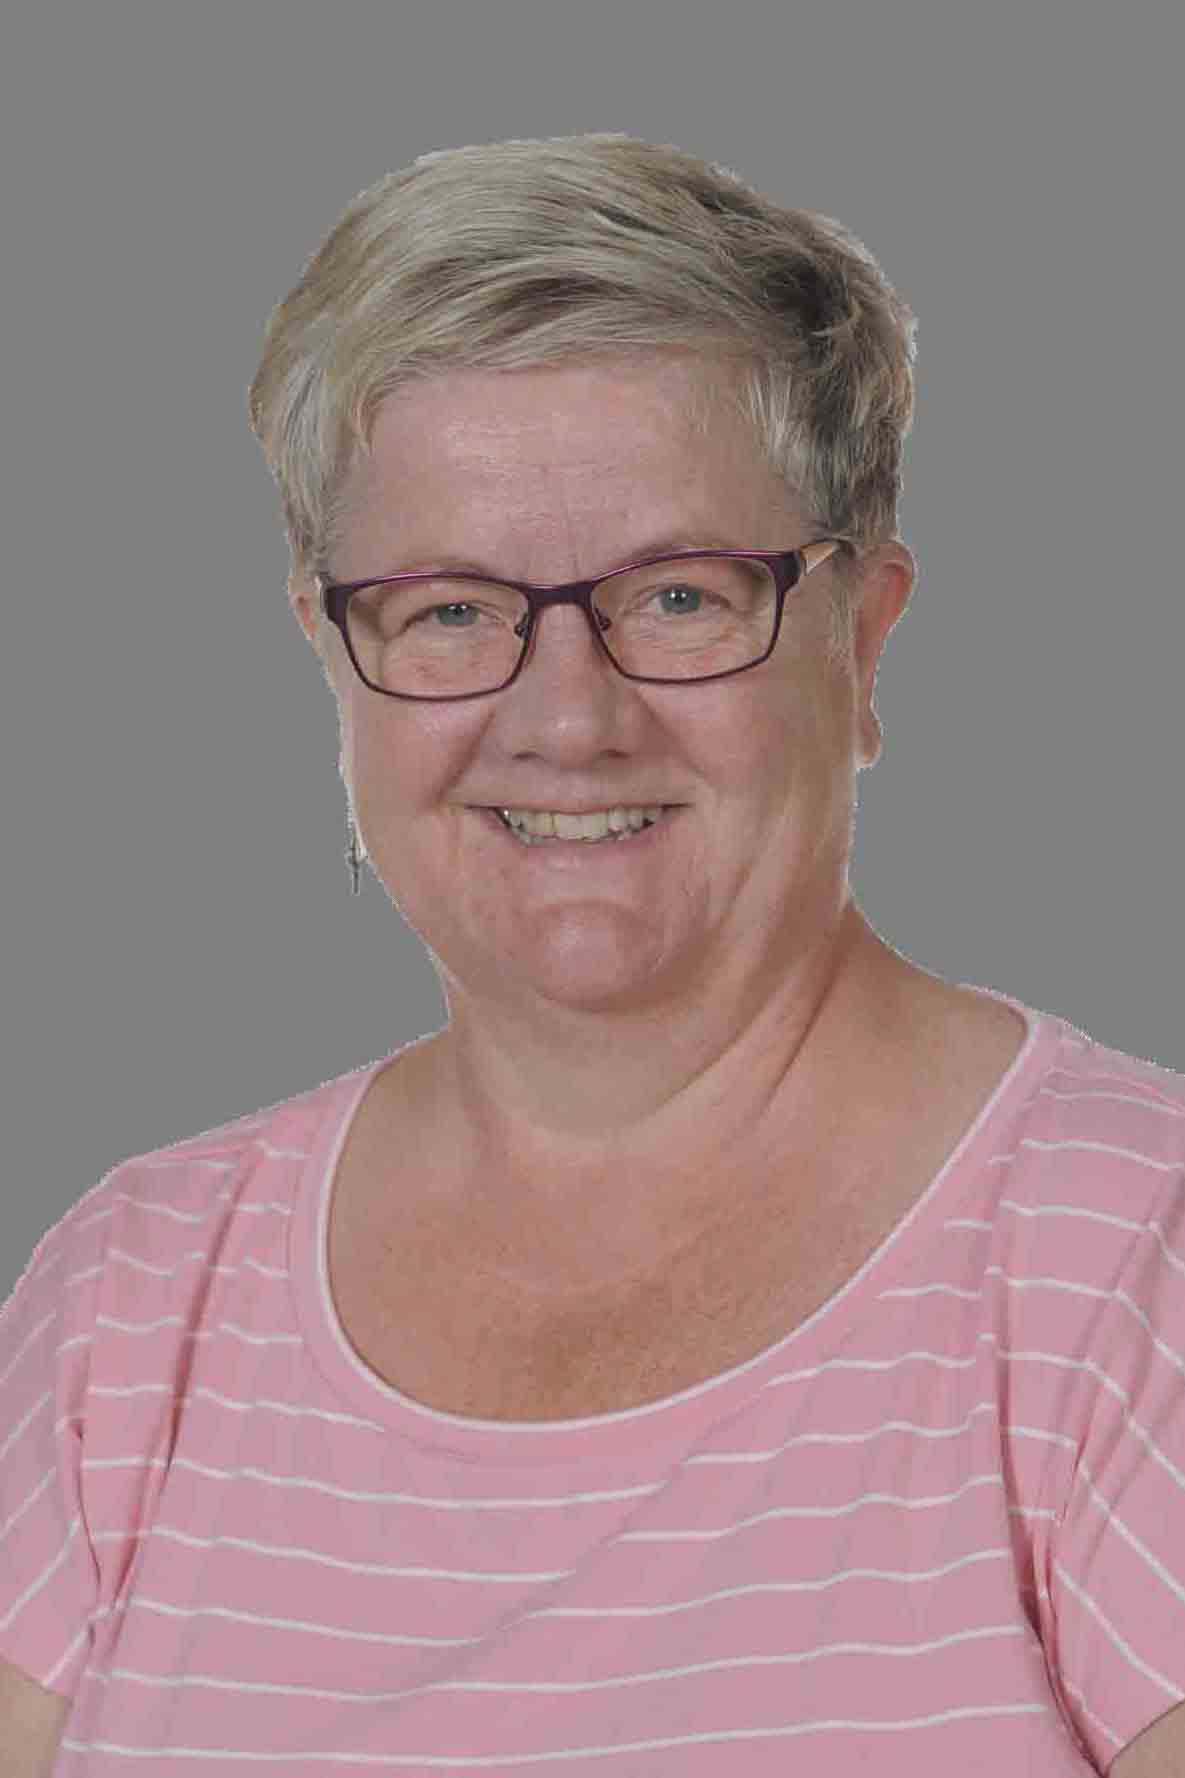 Kirsten Holsegaard